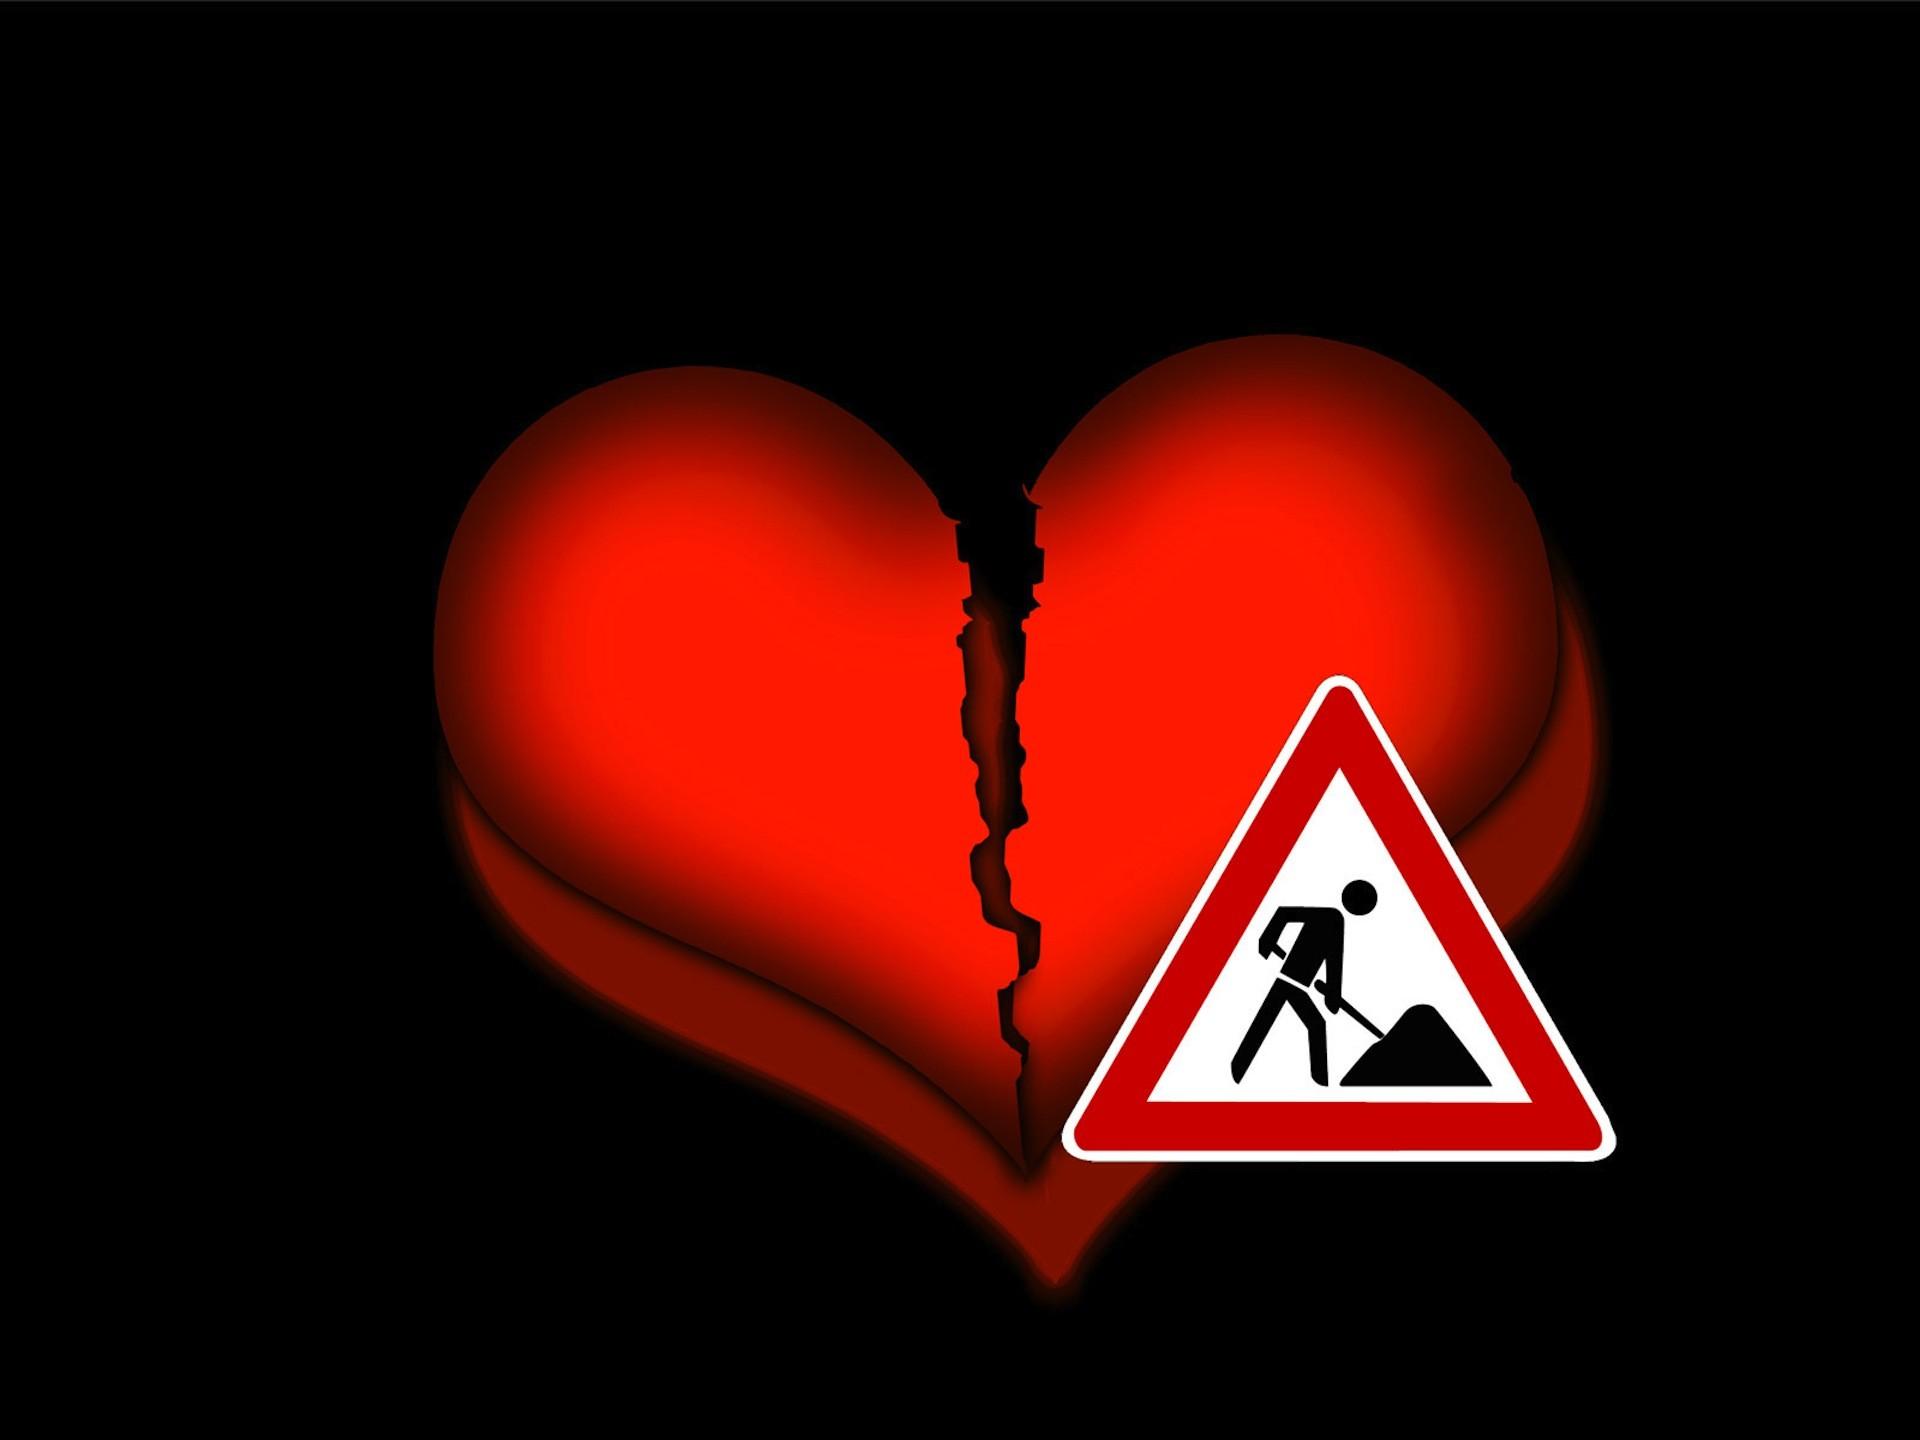 Heart Broken Wallpaper (64+ images)